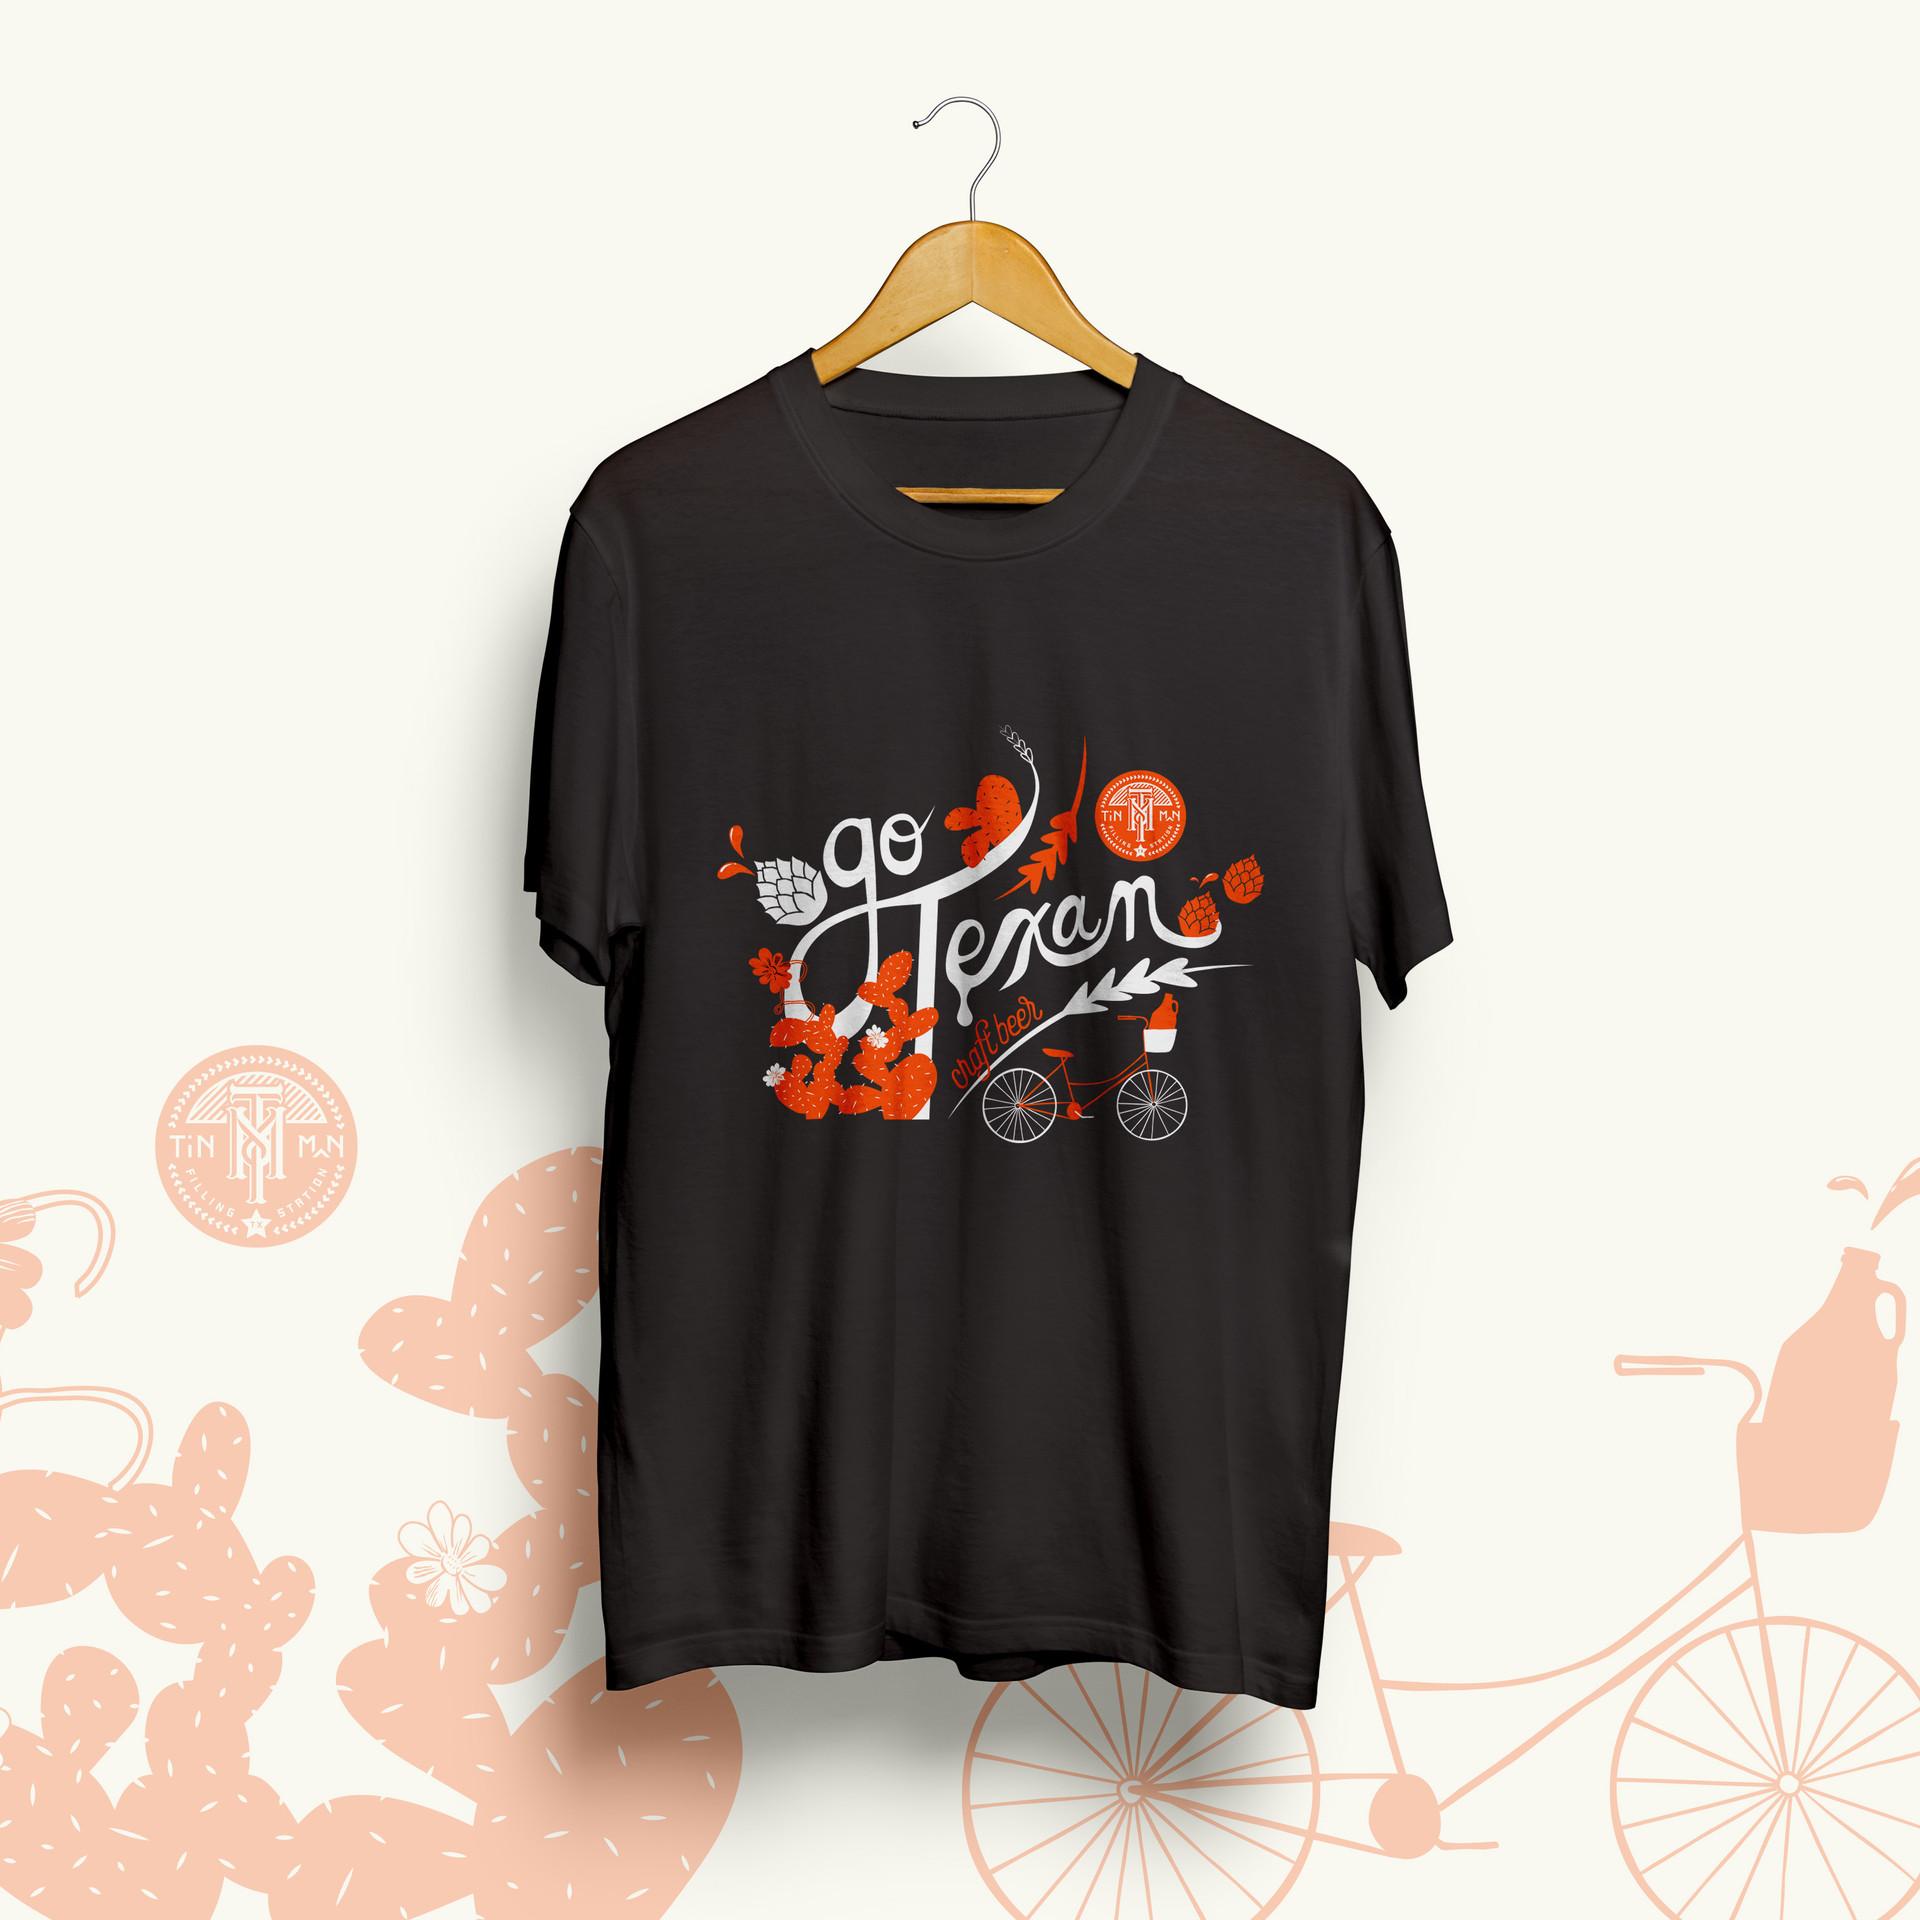 Tinman T-Shirt - Go Texan